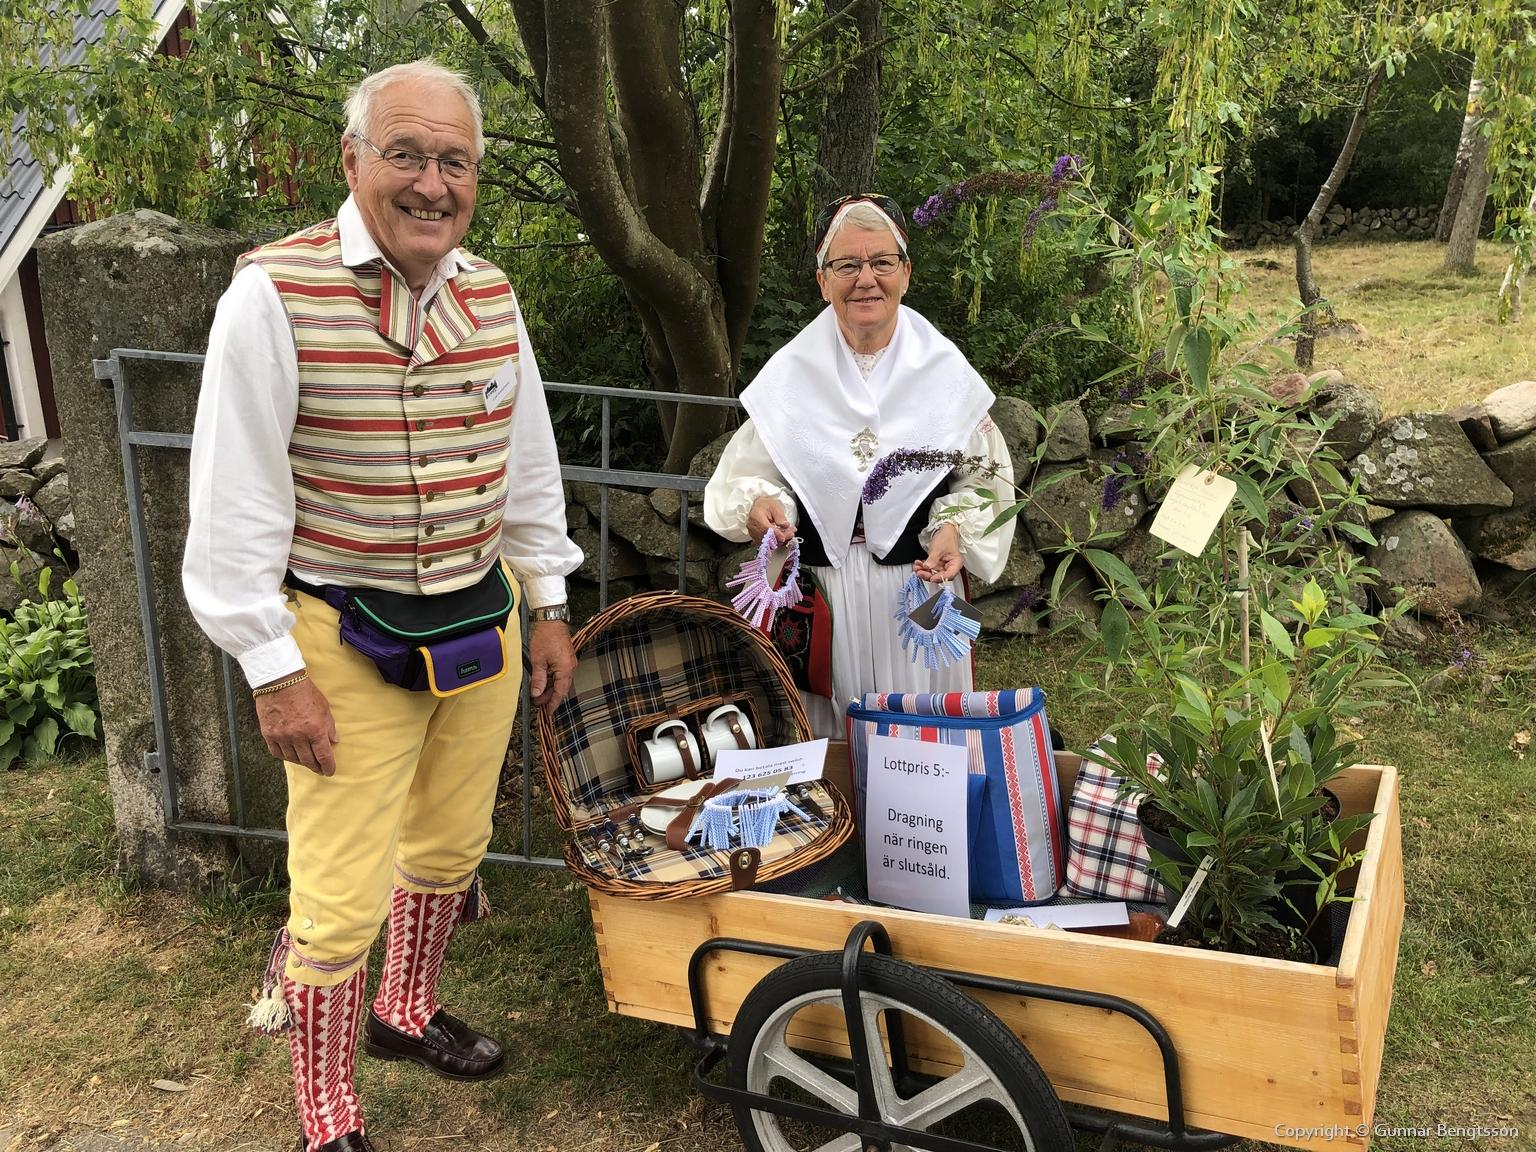 Leif och Anne-Margrete Andersson sålde lotter